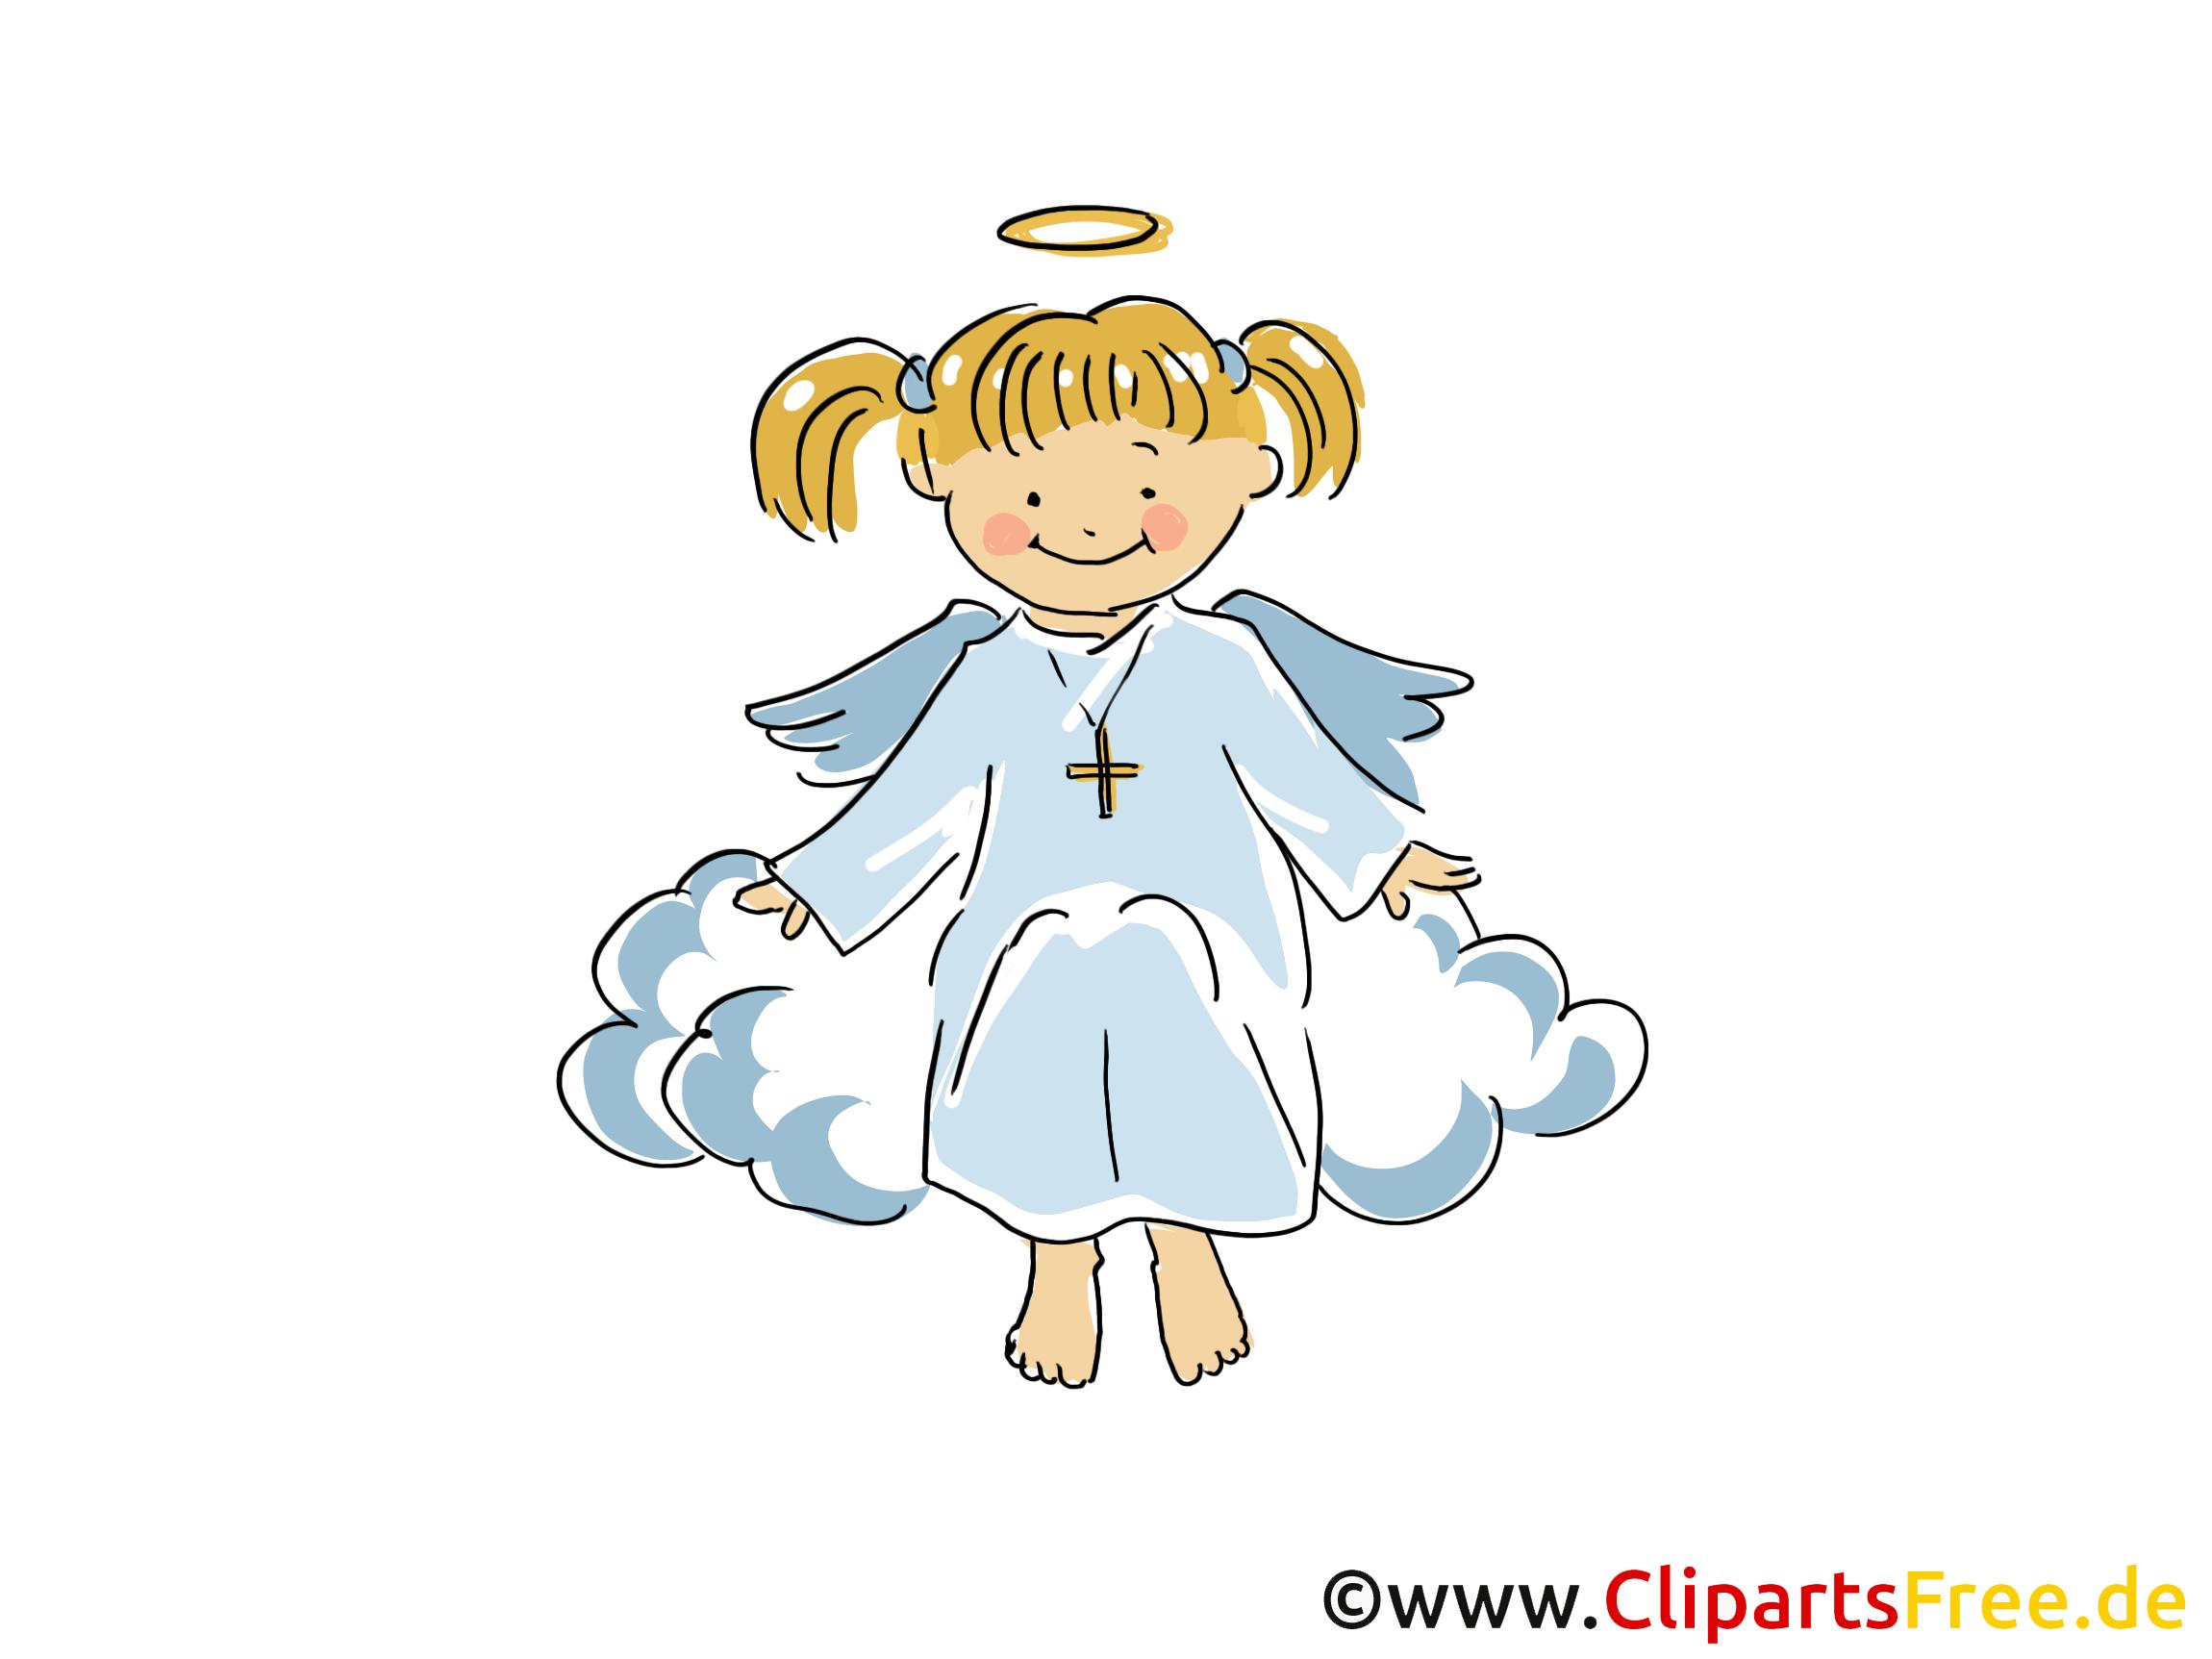 Extrem Ange dessin gratuit - Baptême clip arts gratuits - Baptême dessin  AE16